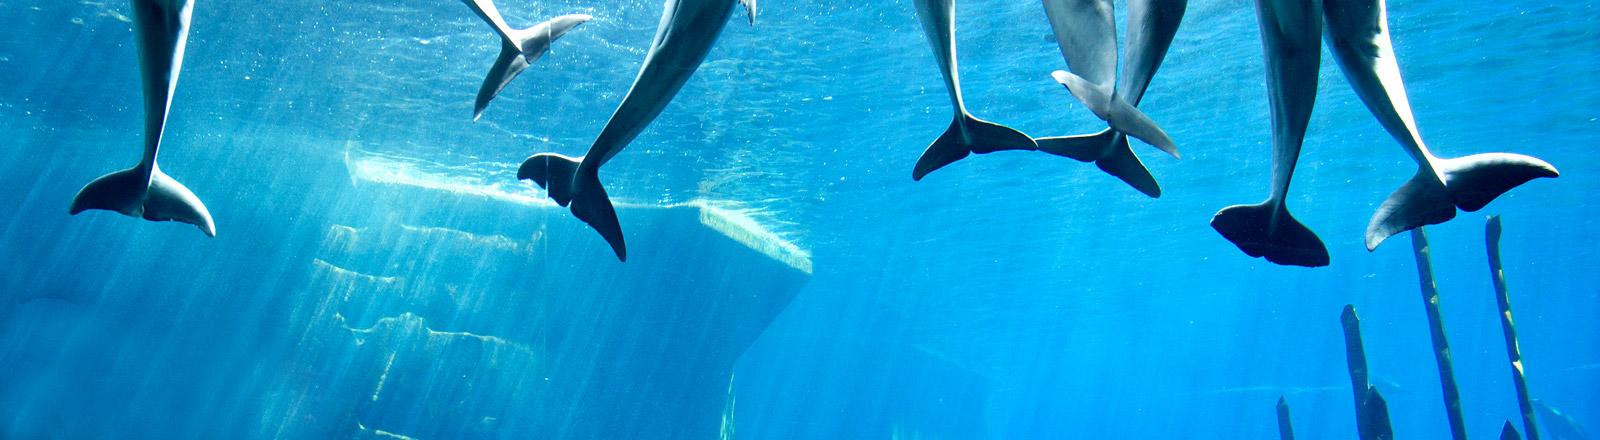 Delfine in einem Delfinarium